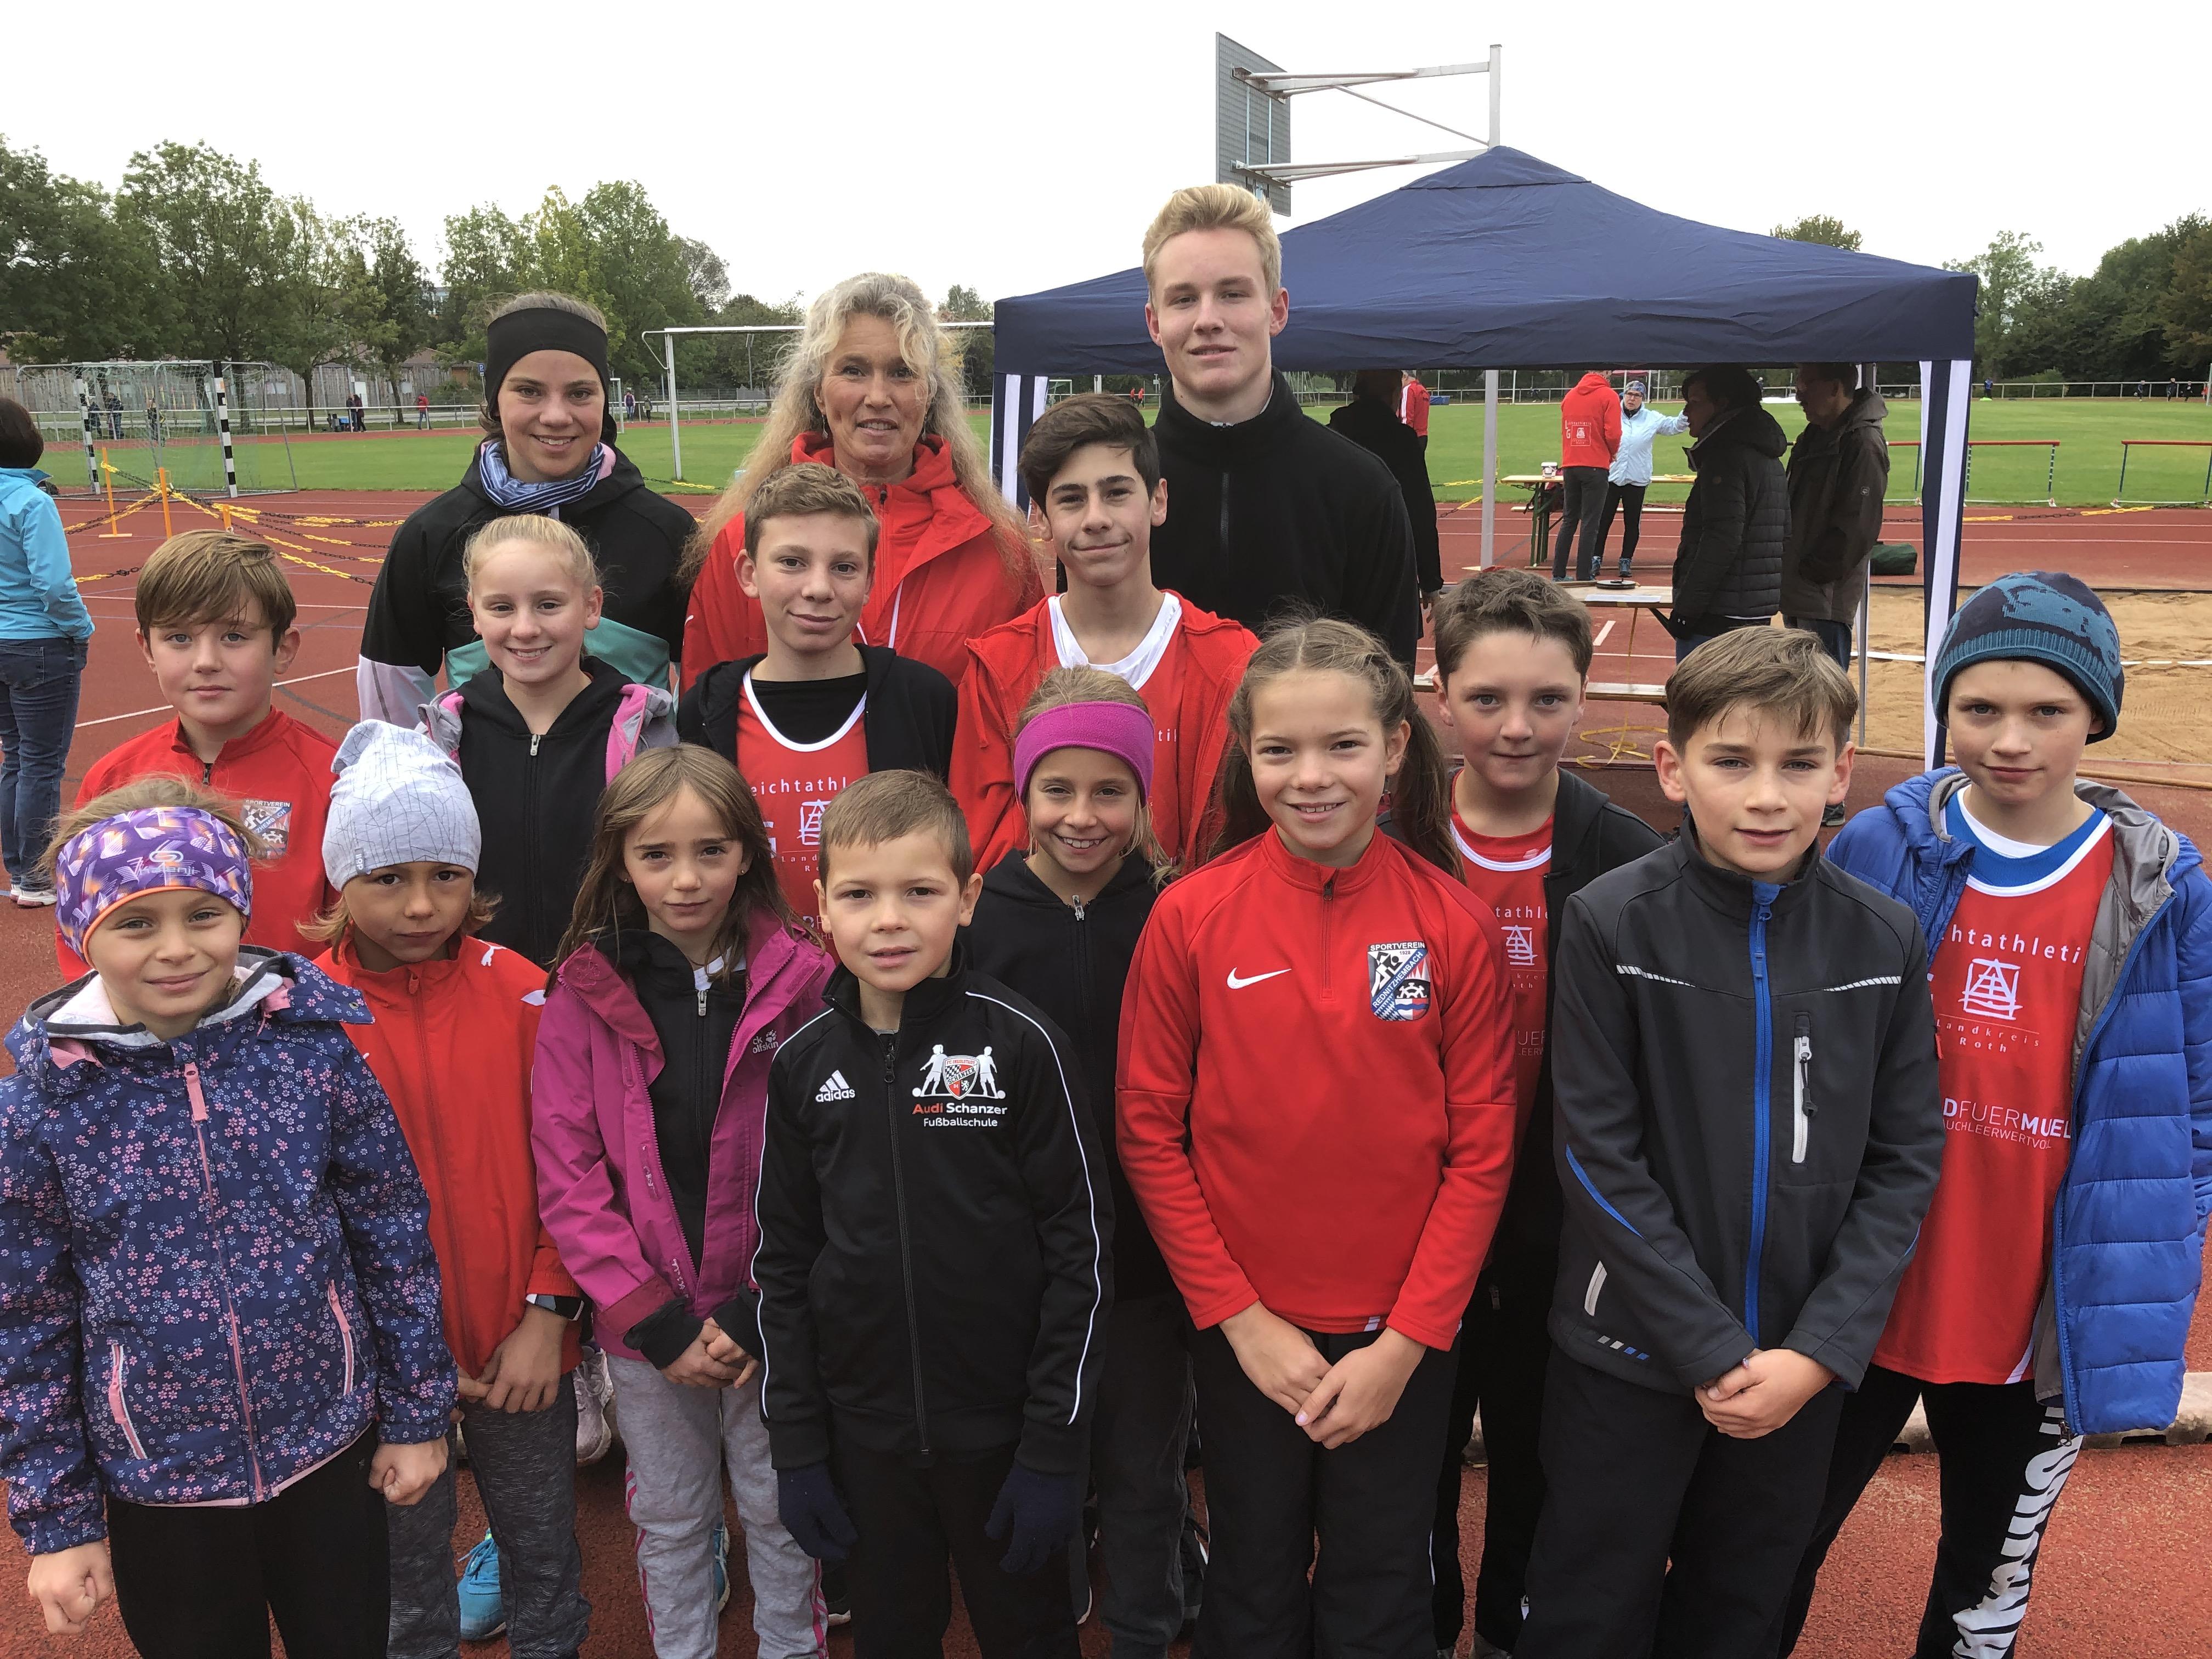 LG-Sportfest mit Kreismeisterschaften in Wendelstein